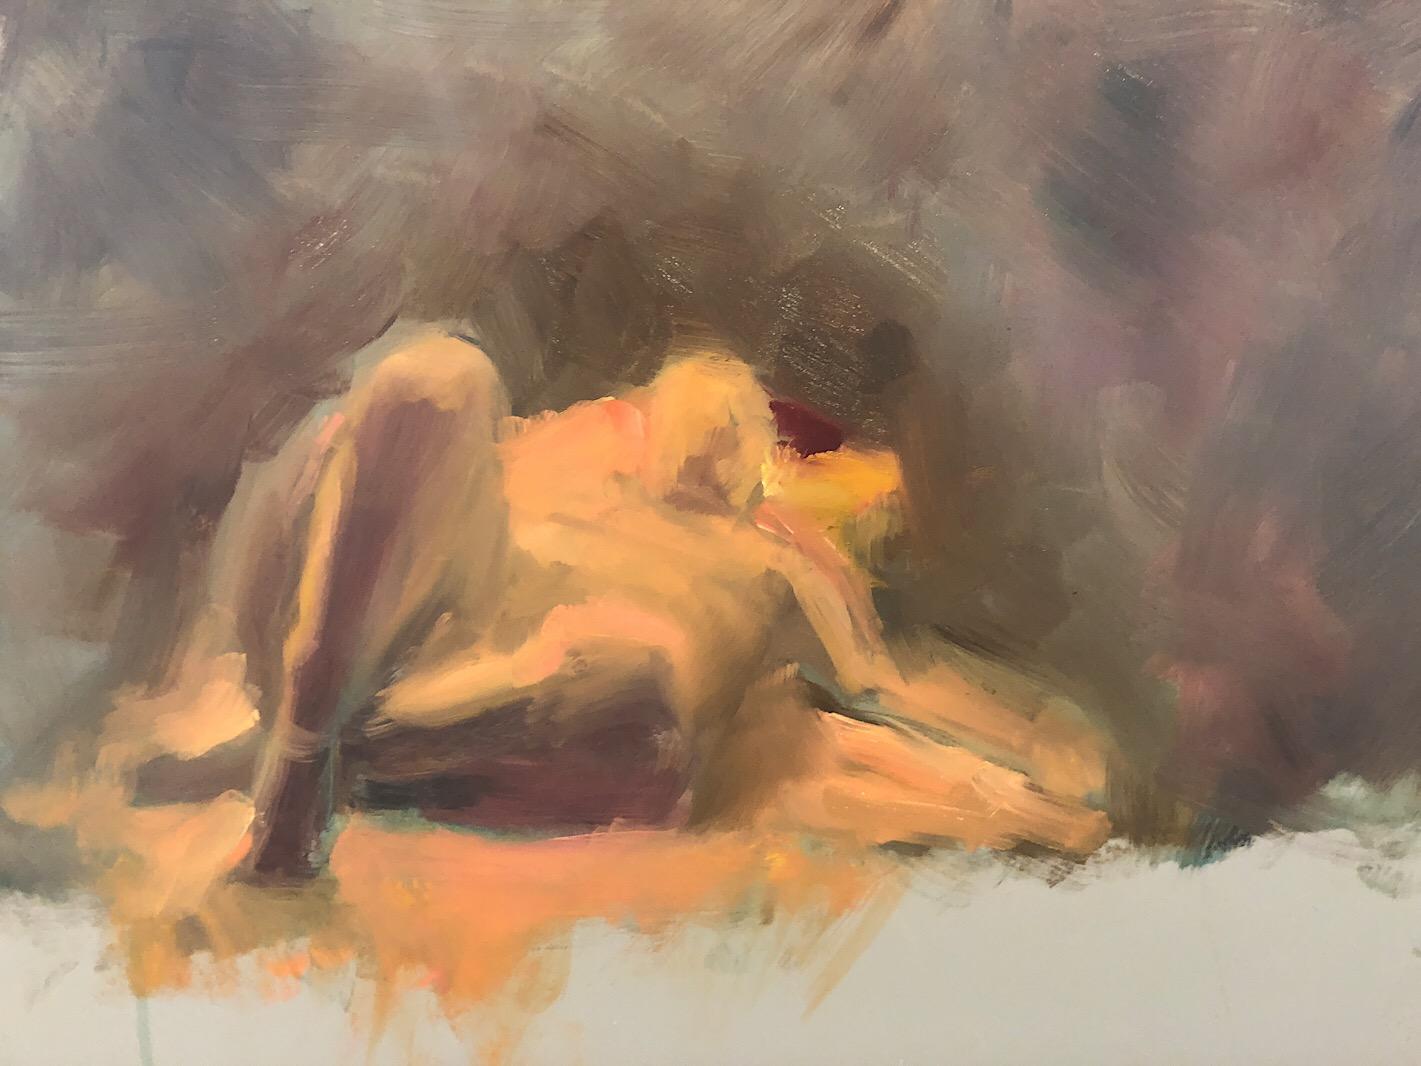 """Geoff Watson, """"Reclining nude,"""" work in progress, oil on panel, 12"""" x 16,"""" 2018."""